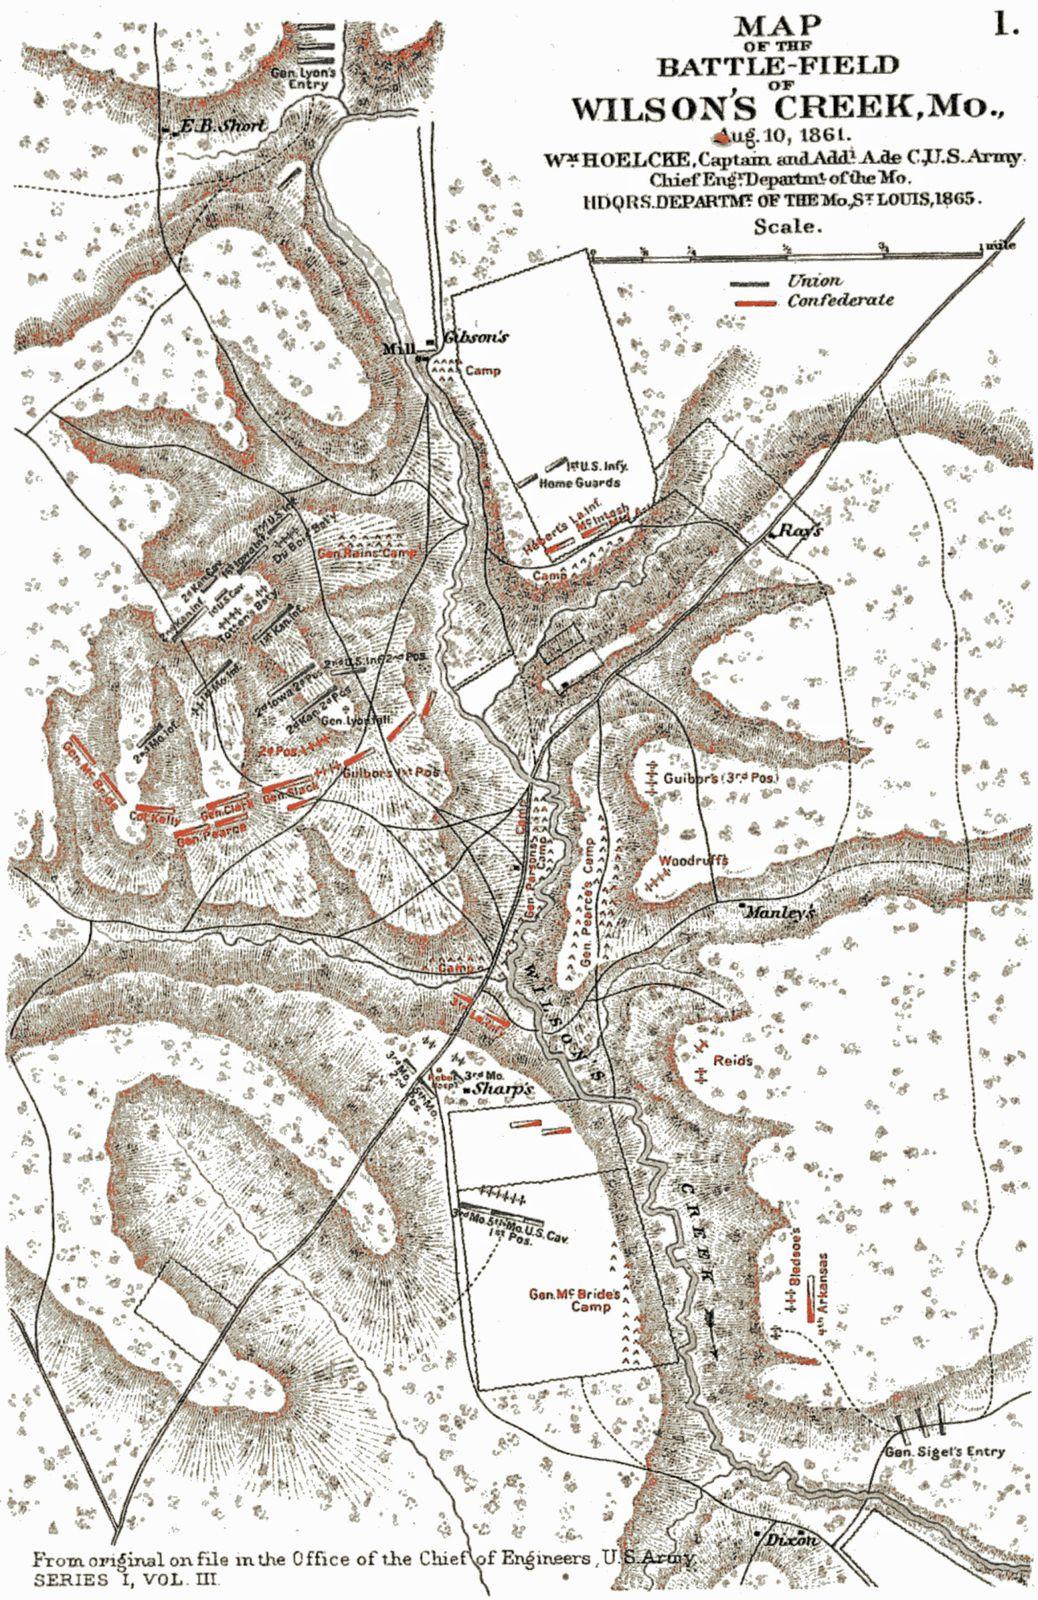 La bataille de Wilson's Creek 10 août 1861